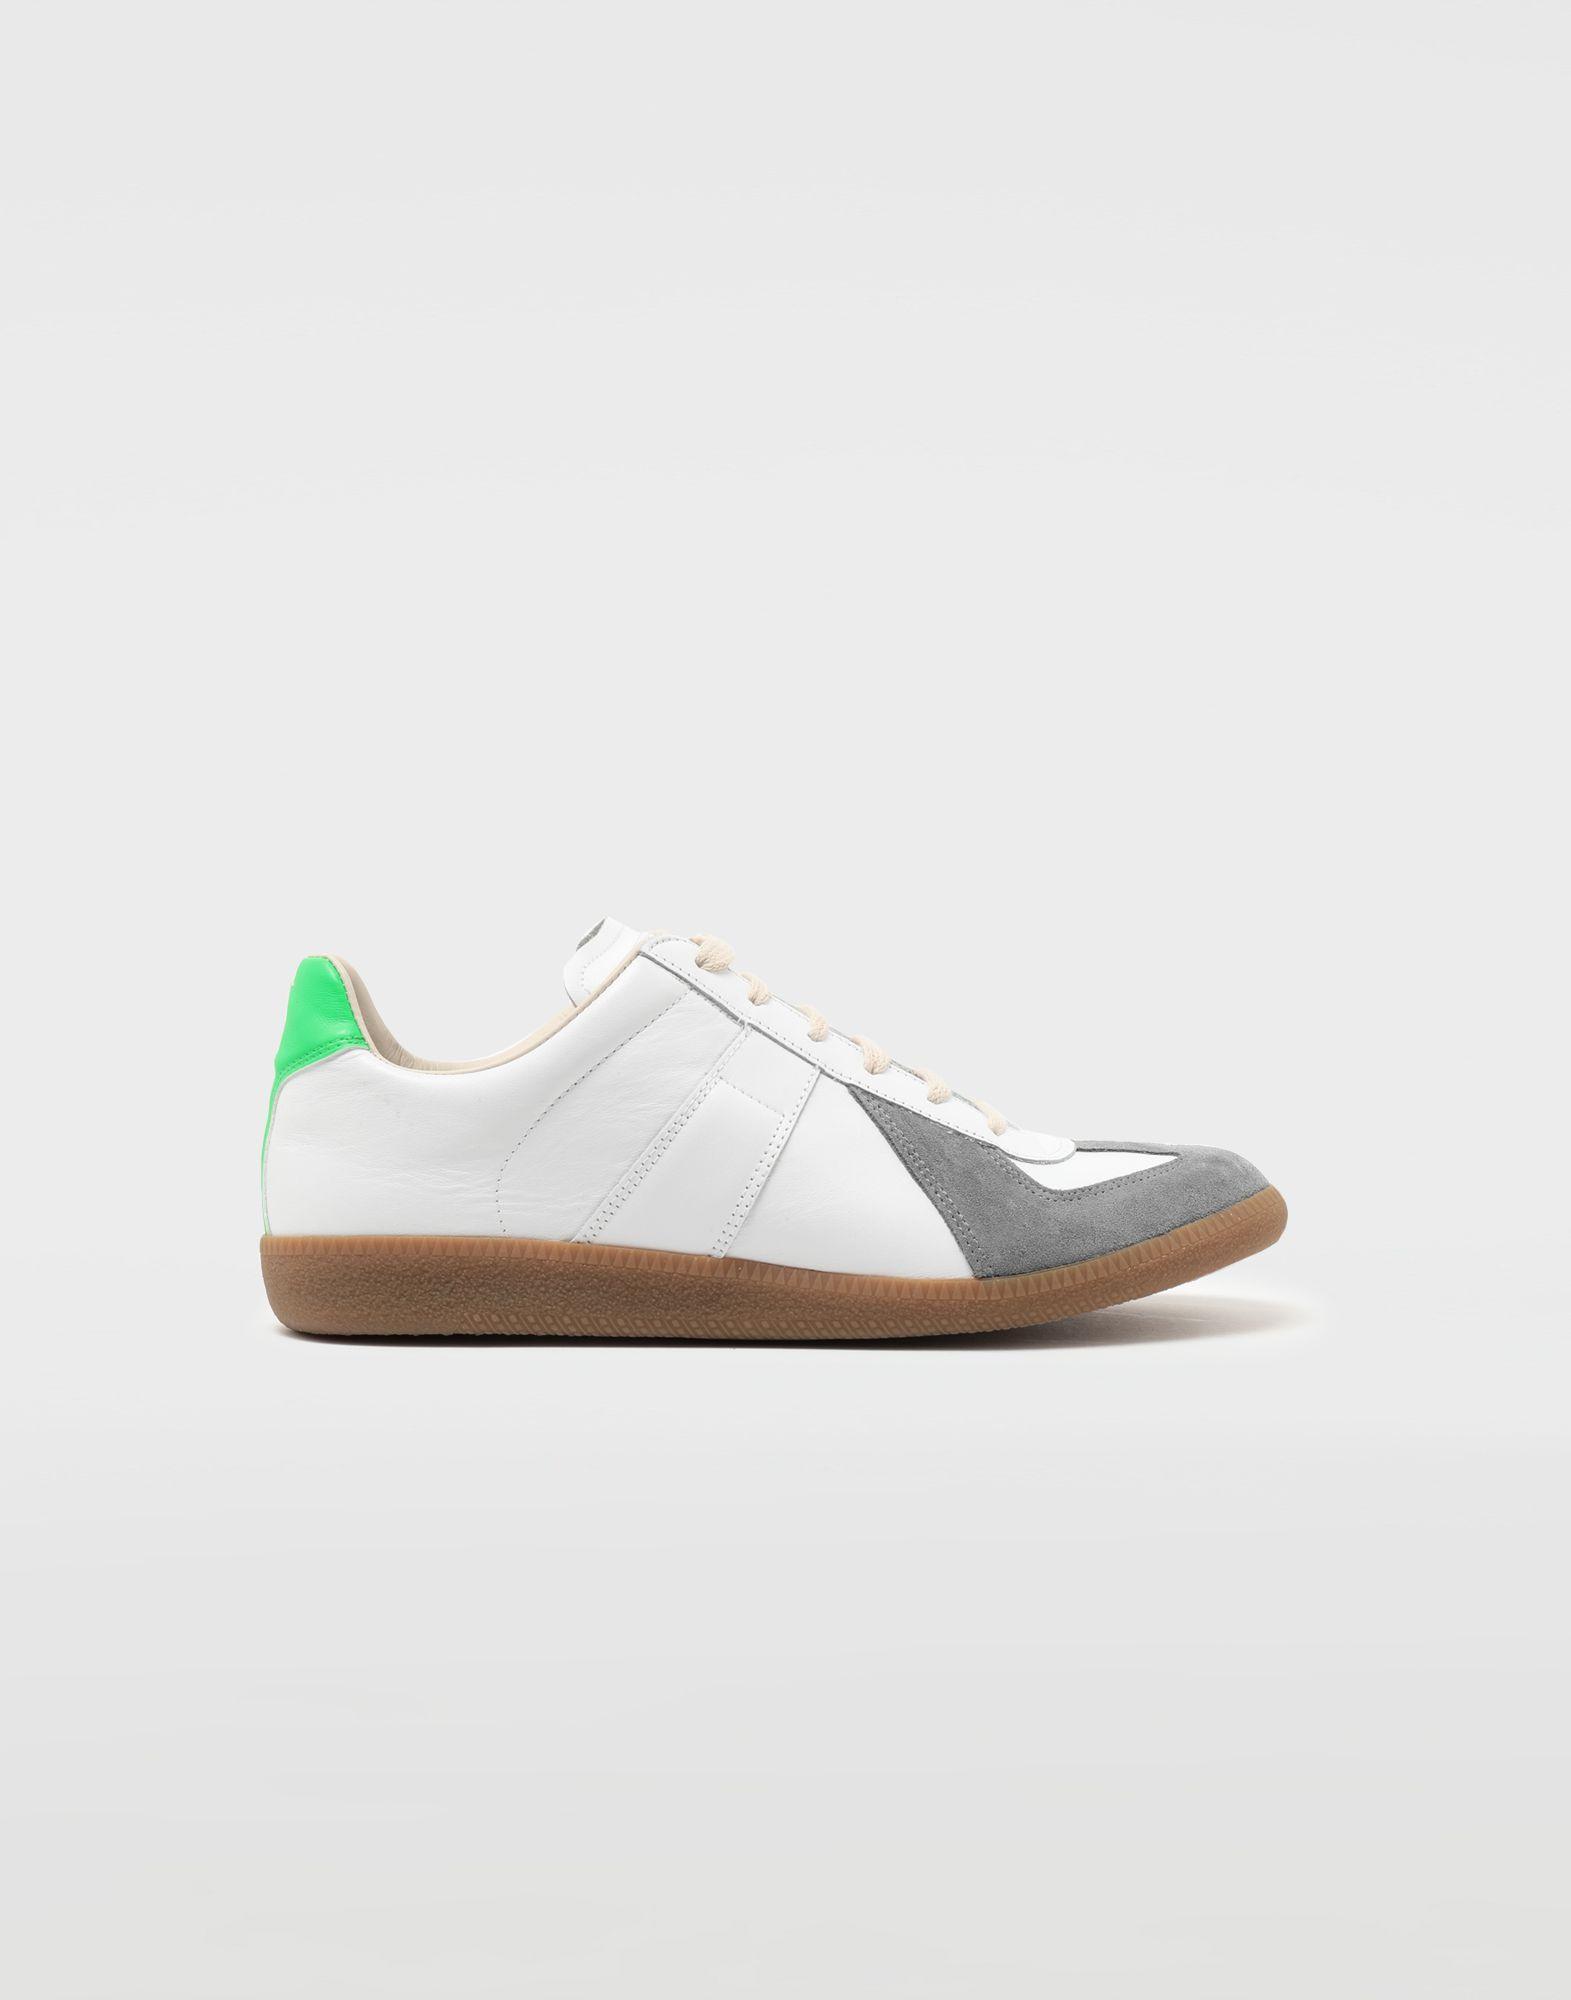 MAISON MARGIELA Low-Top-Sneakers Replica Sneakers Herren f